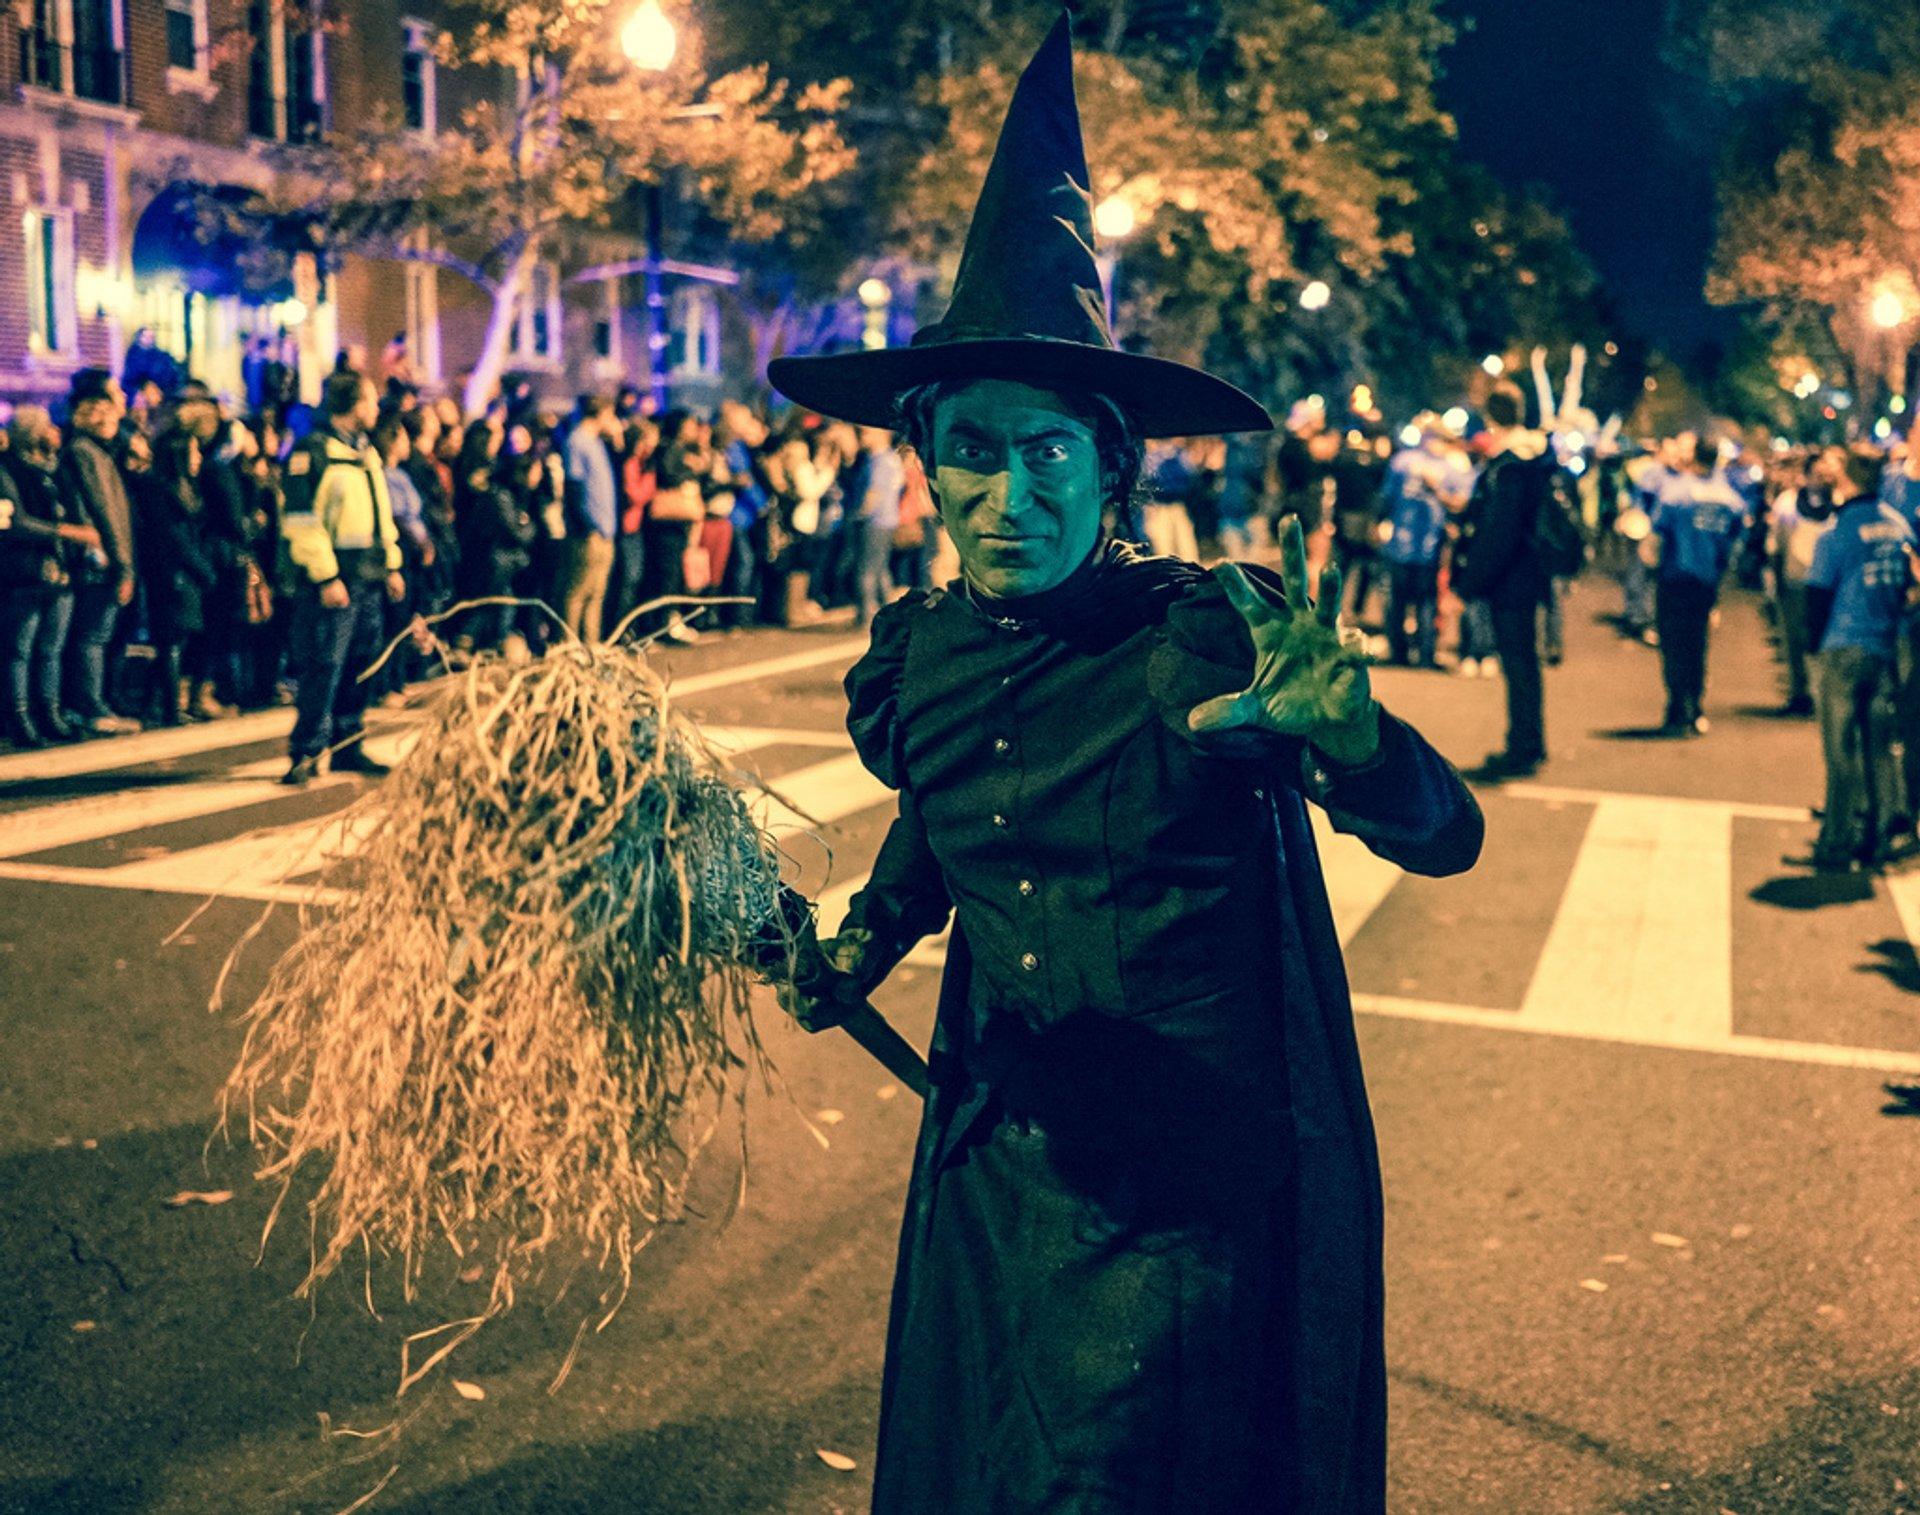 Halloween in Washington, D.C. - Best Season 2019